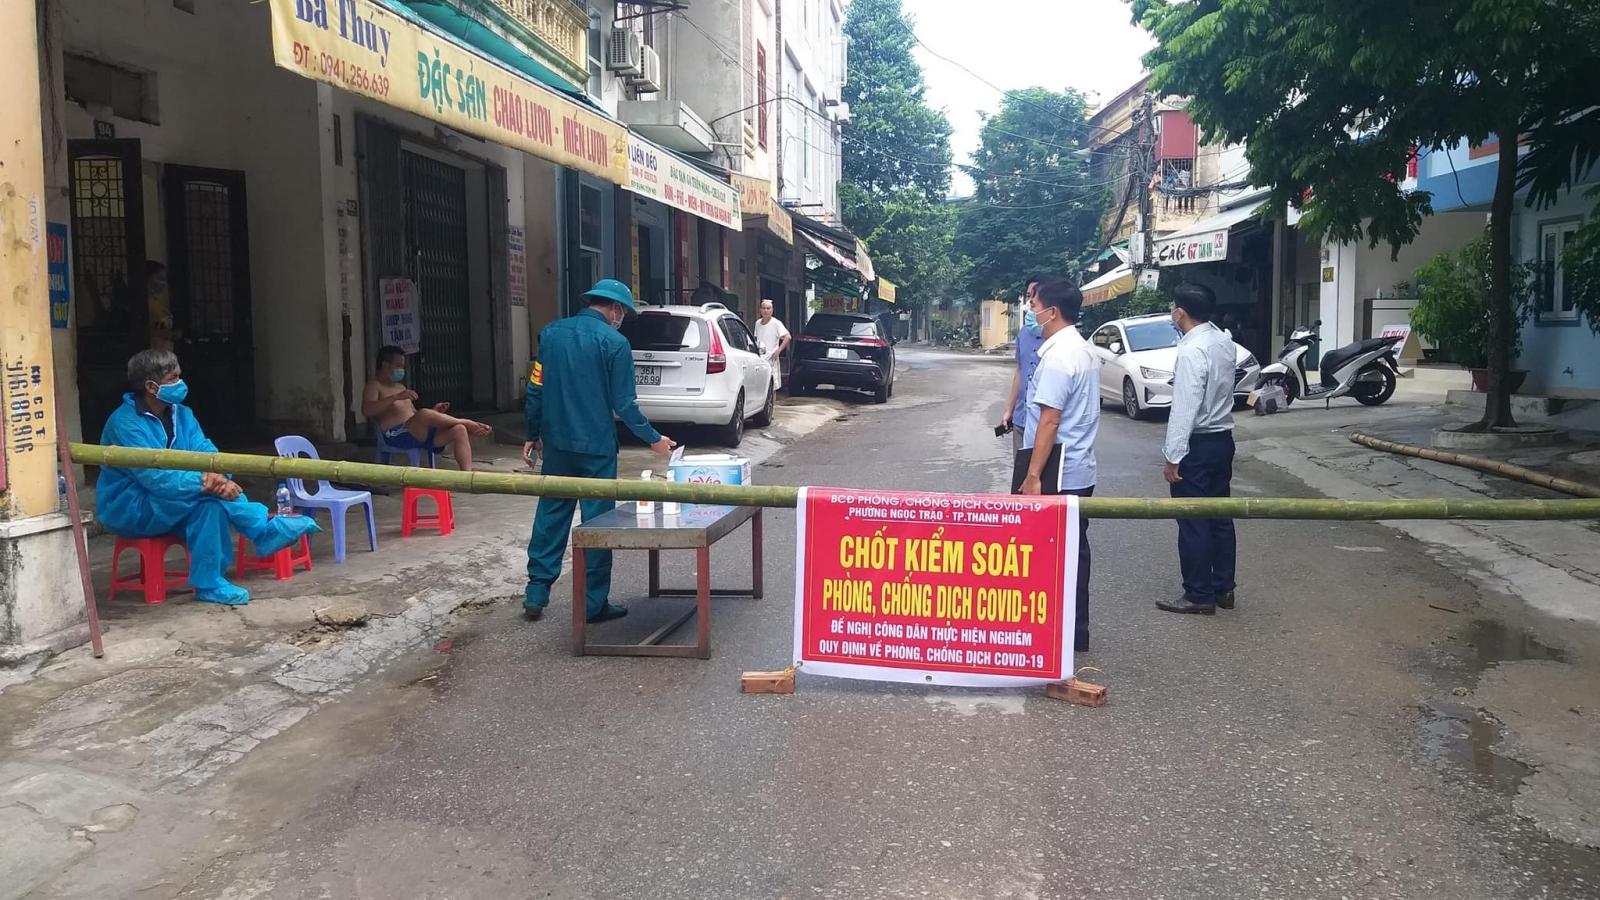 Thanh Hoá ghi nhận thêm 17 ca dương tính với SARS-CoV-2